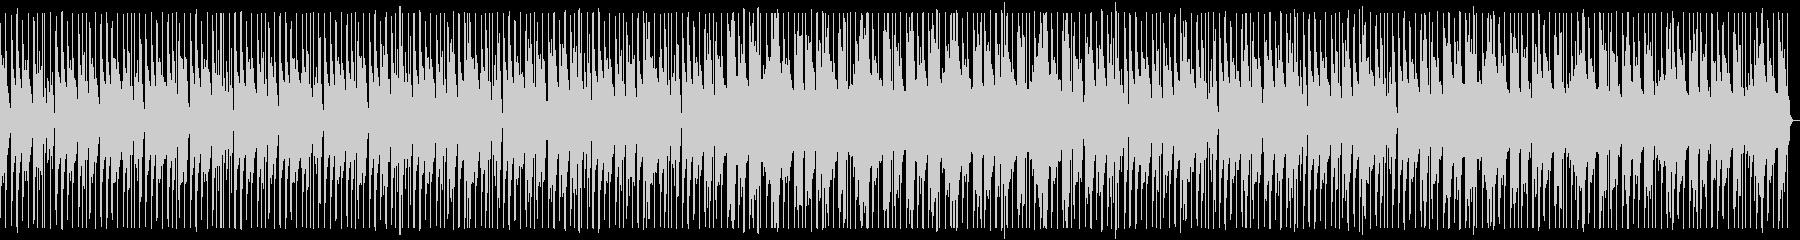 オシャレなピアノメインダンスミュージックの未再生の波形